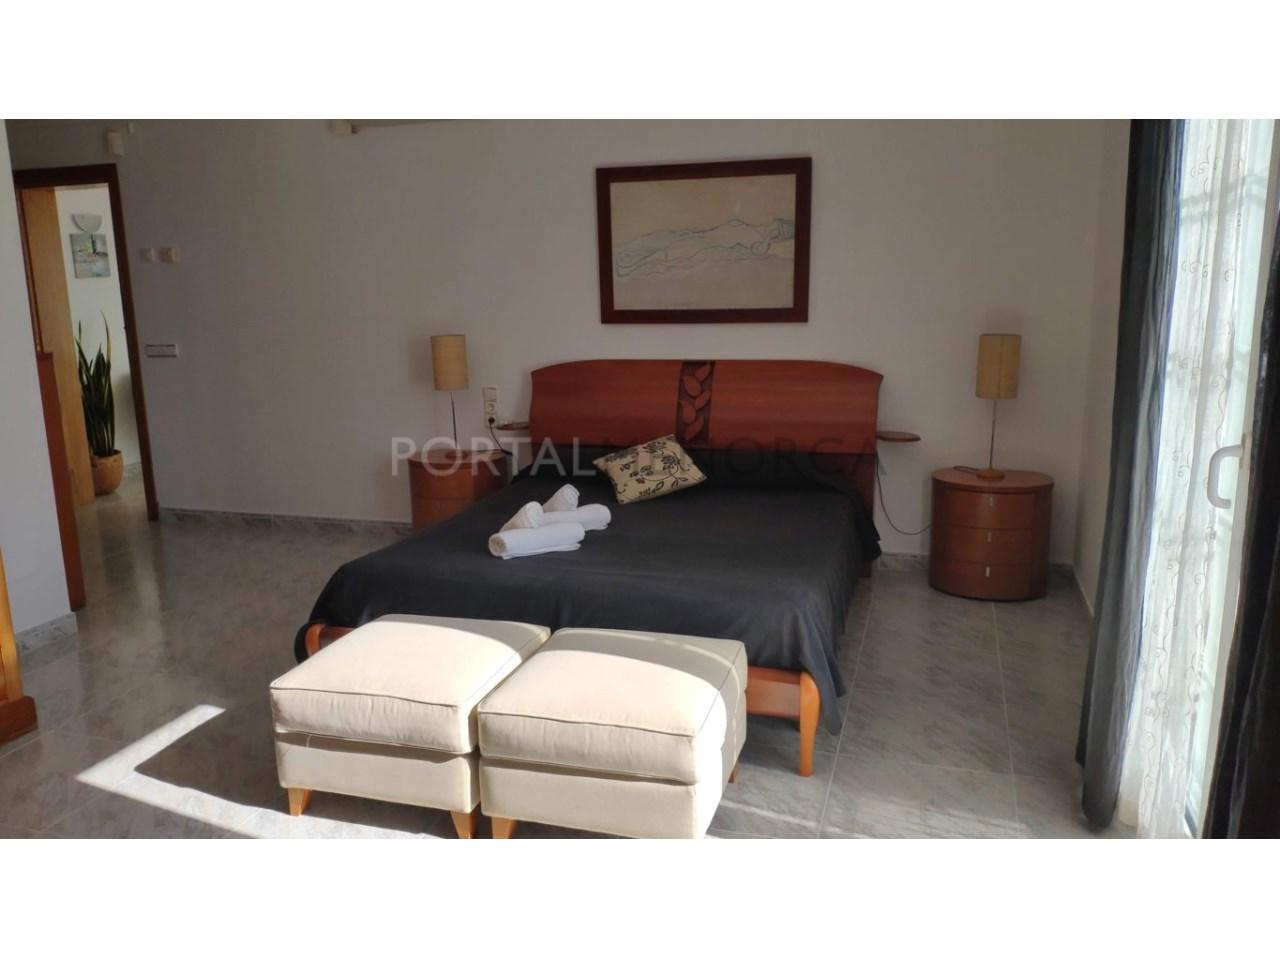 Chalet en venta en Calan Blanes con licencia turística Ciutadella Menorca - segunda suite con terraza en PP